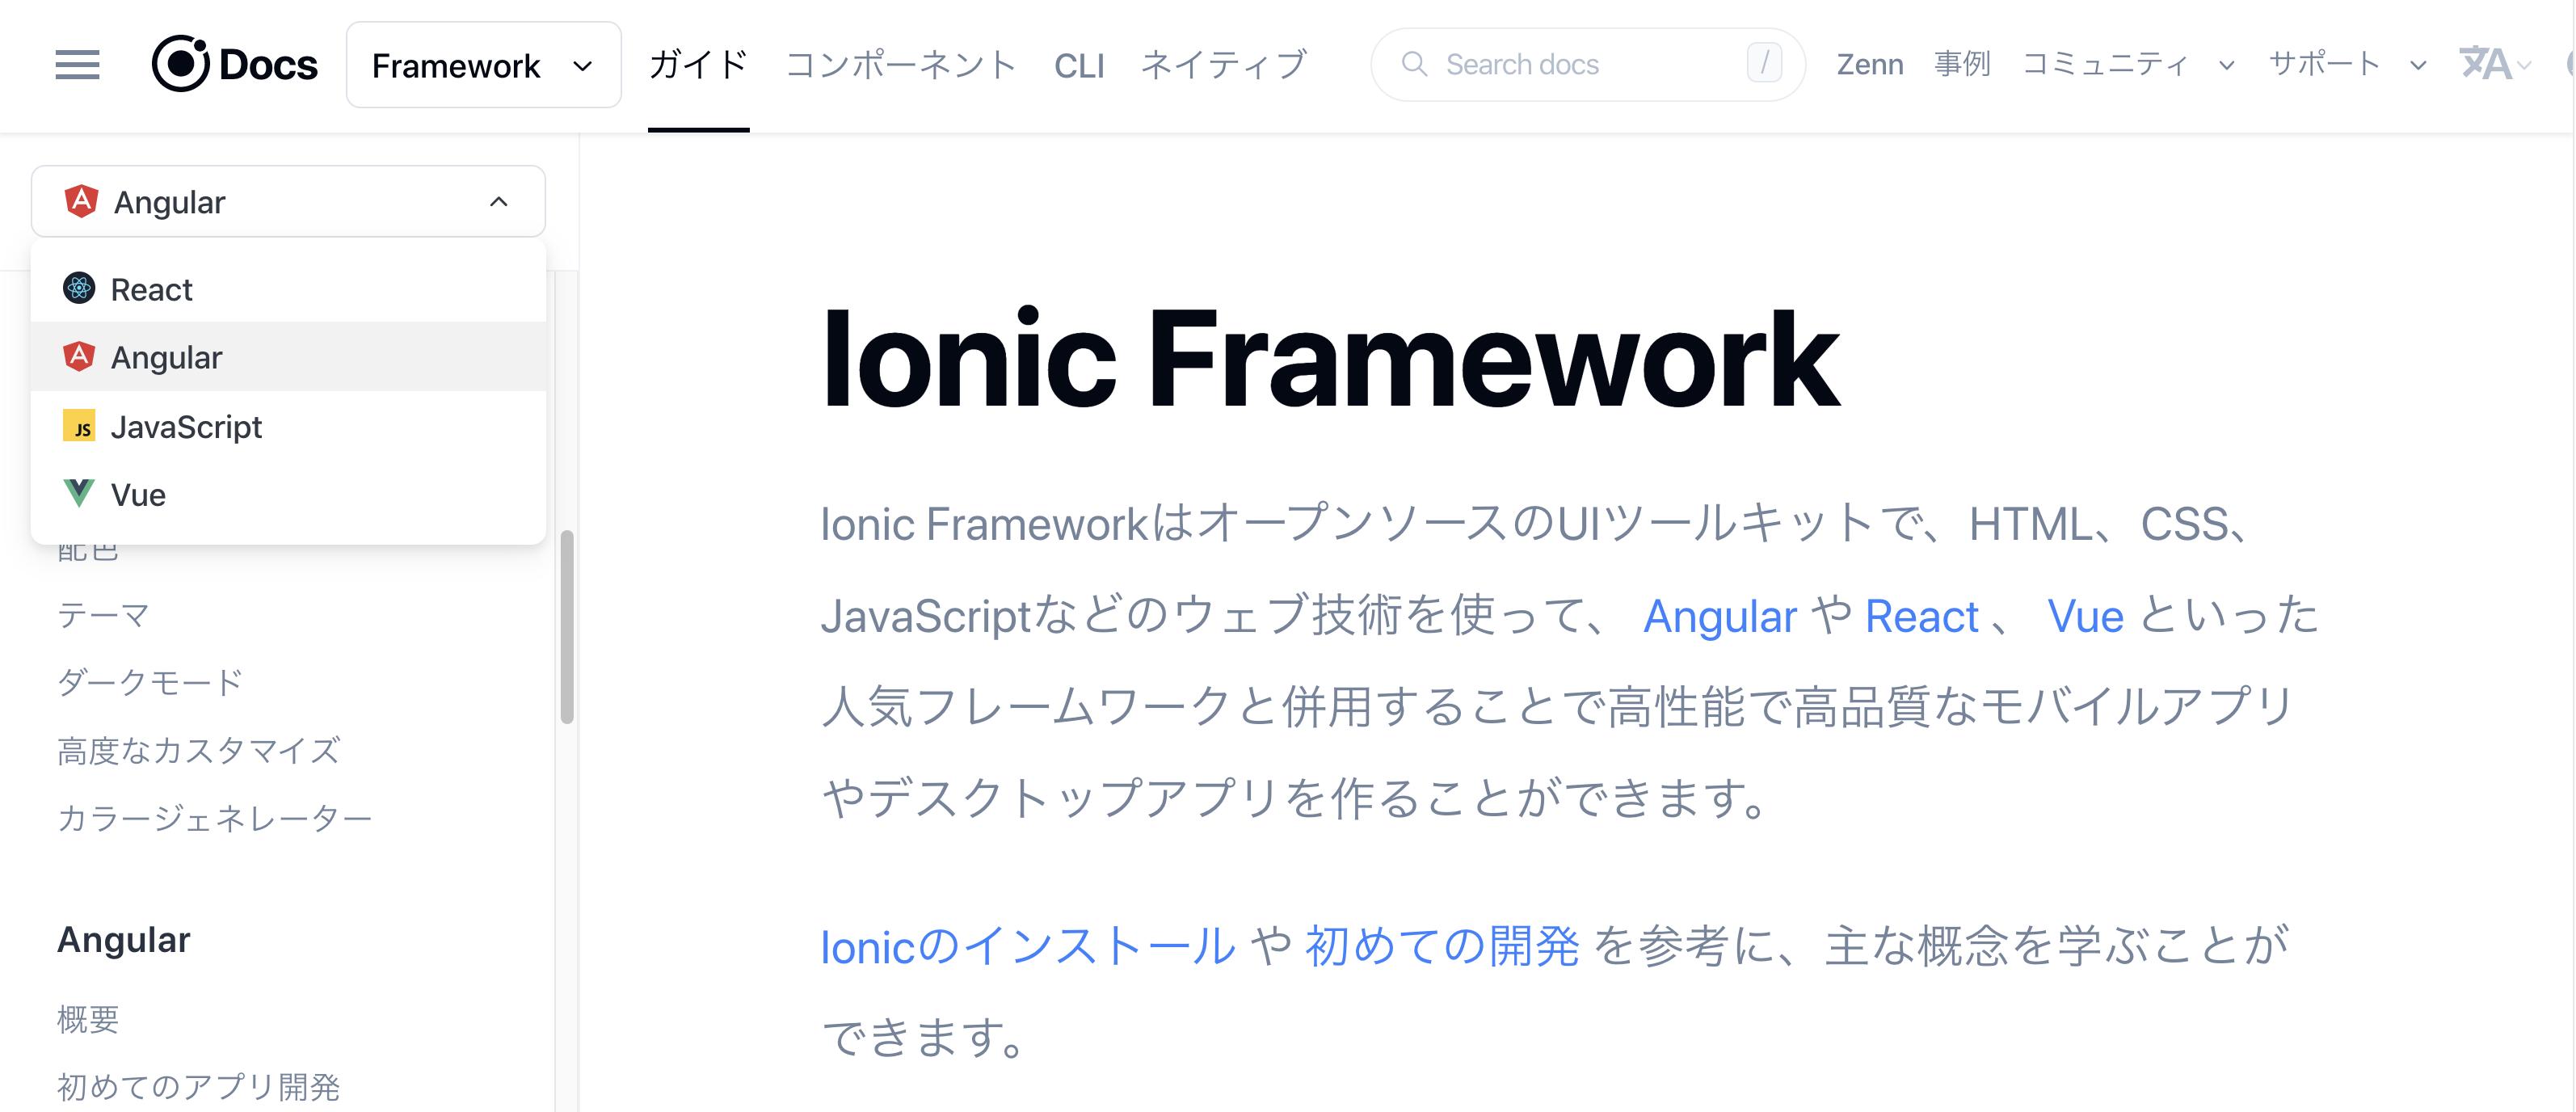 Ionic Document